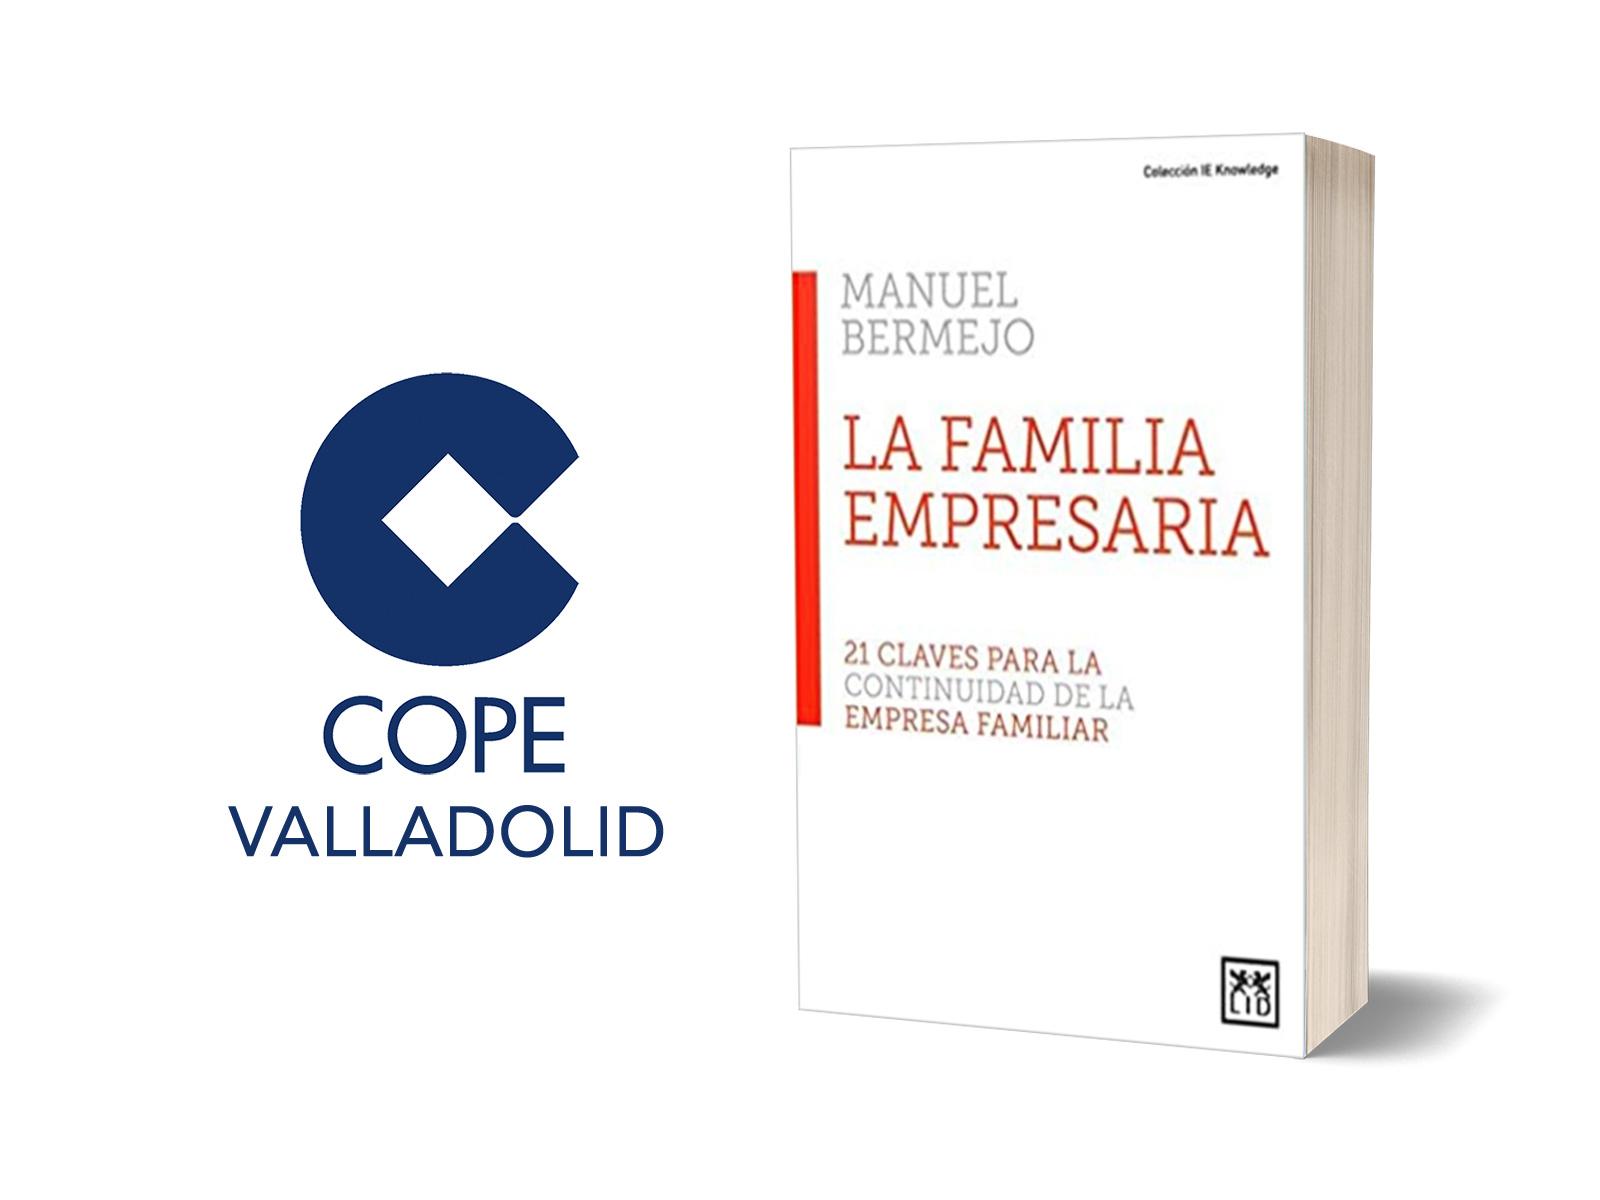 """Entrevista en COPE Valladolid a Manuel Bermejo sobre su último libro """"La Empresa Familiar: 21 claves para la familia empresaria"""""""